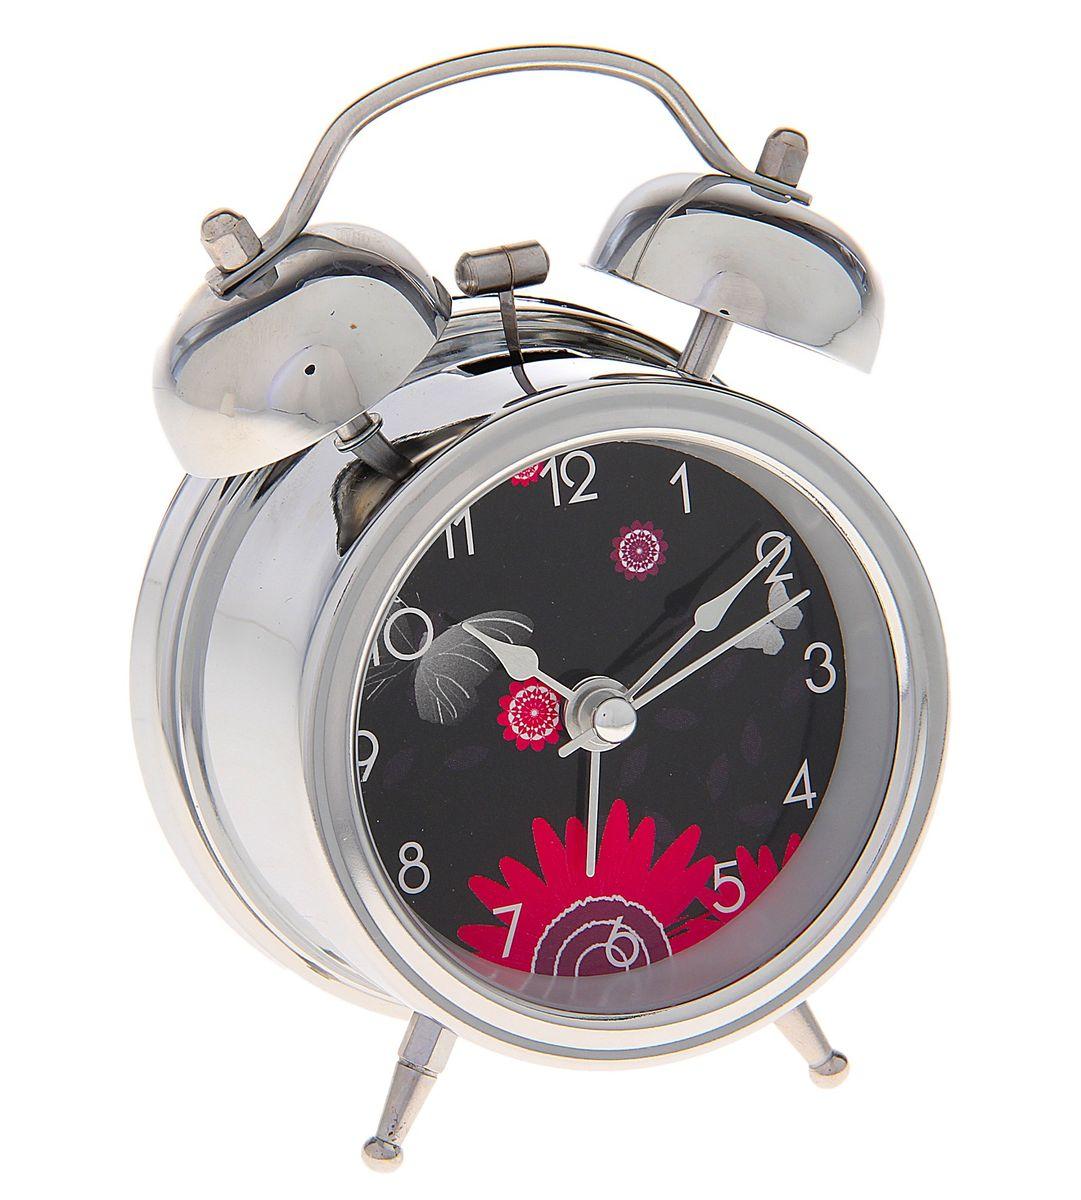 Часы-будильник Sima-land Цветы. 720810720810Как же сложно иногда вставать вовремя! Всегда так хочется поспать еще хотя бы 5 минут и бывает, что мы просыпаем. Теперь этого не случится! Яркий, оригинальный будильник Sima-land Цветы поможет вам всегда вставать в нужное время и успевать везде и всюду. Корпус будильника выполнен из хромированного металла. Циферблат черного цвета оформлен изображением розовых цветов и бабочки. Часы снабжены 4 стрелками (секундная, минутная, часовая и для будильника). На задней панели будильника расположен переключатель включения/выключения механизма, а также два колесика для настройки текущего времени и времени звонка будильника. Изделие снабжено подсветкой, которая включается нажатием кнопки с задней стороны. Пользоваться будильником очень легко: нужно всего лишь поставить батарейку, настроить точное время и установить время звонка. Будильник Цветы - привлекательная деталь в обстановке, которая поможет воплотить вашу интерьерную идею, создать неповторимую...